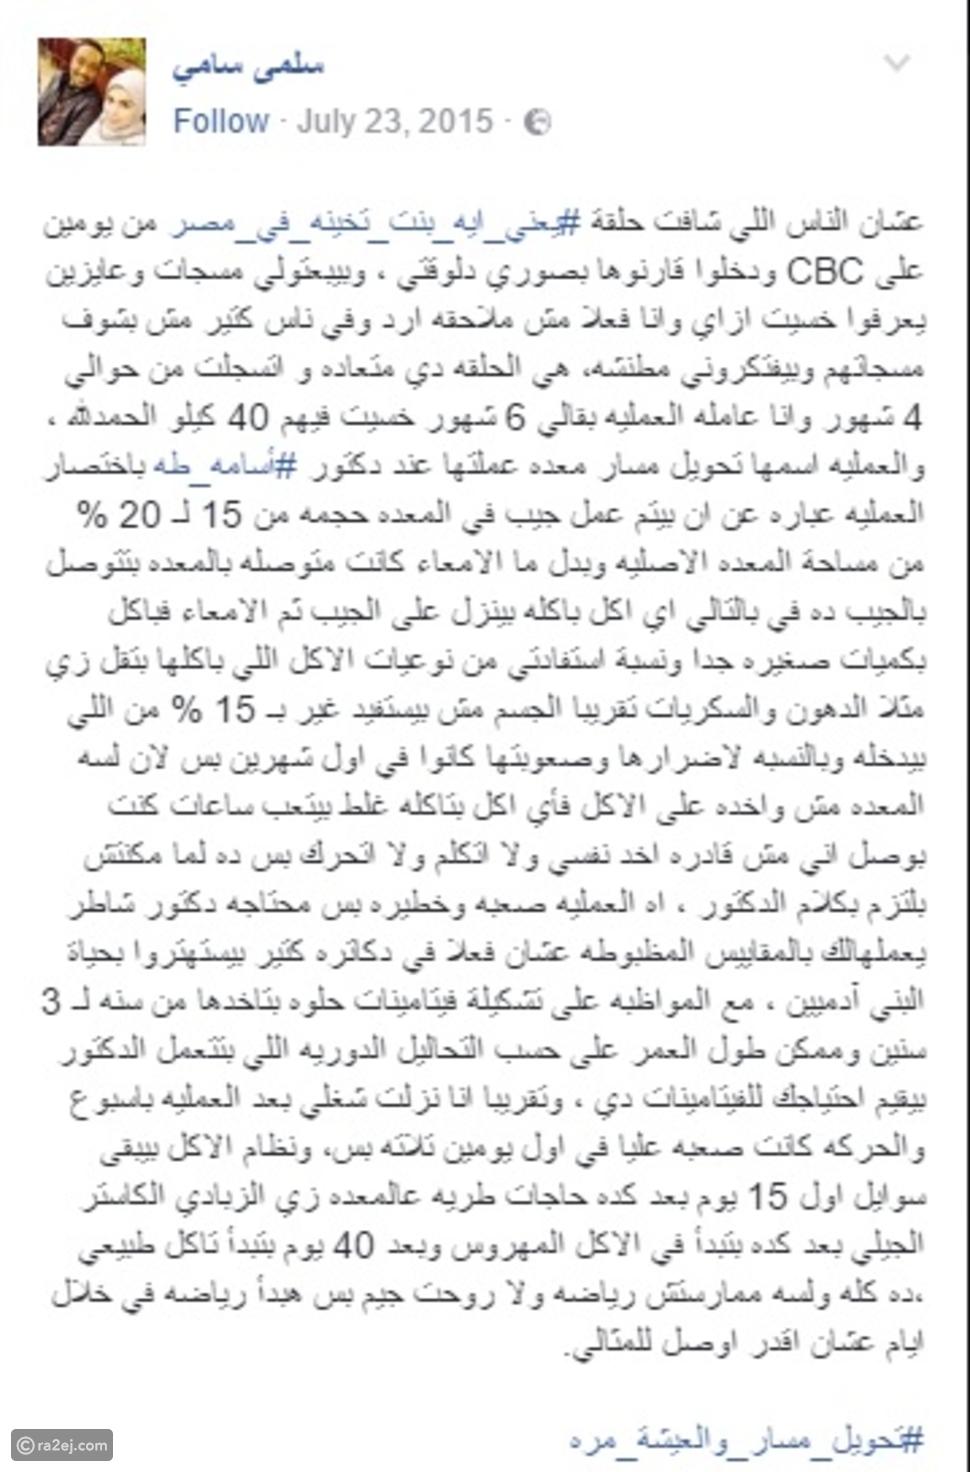 فتاة مصرية تمنح الأمل للجميع بشكلها المذهل بعد خسارة وزنها الزائد